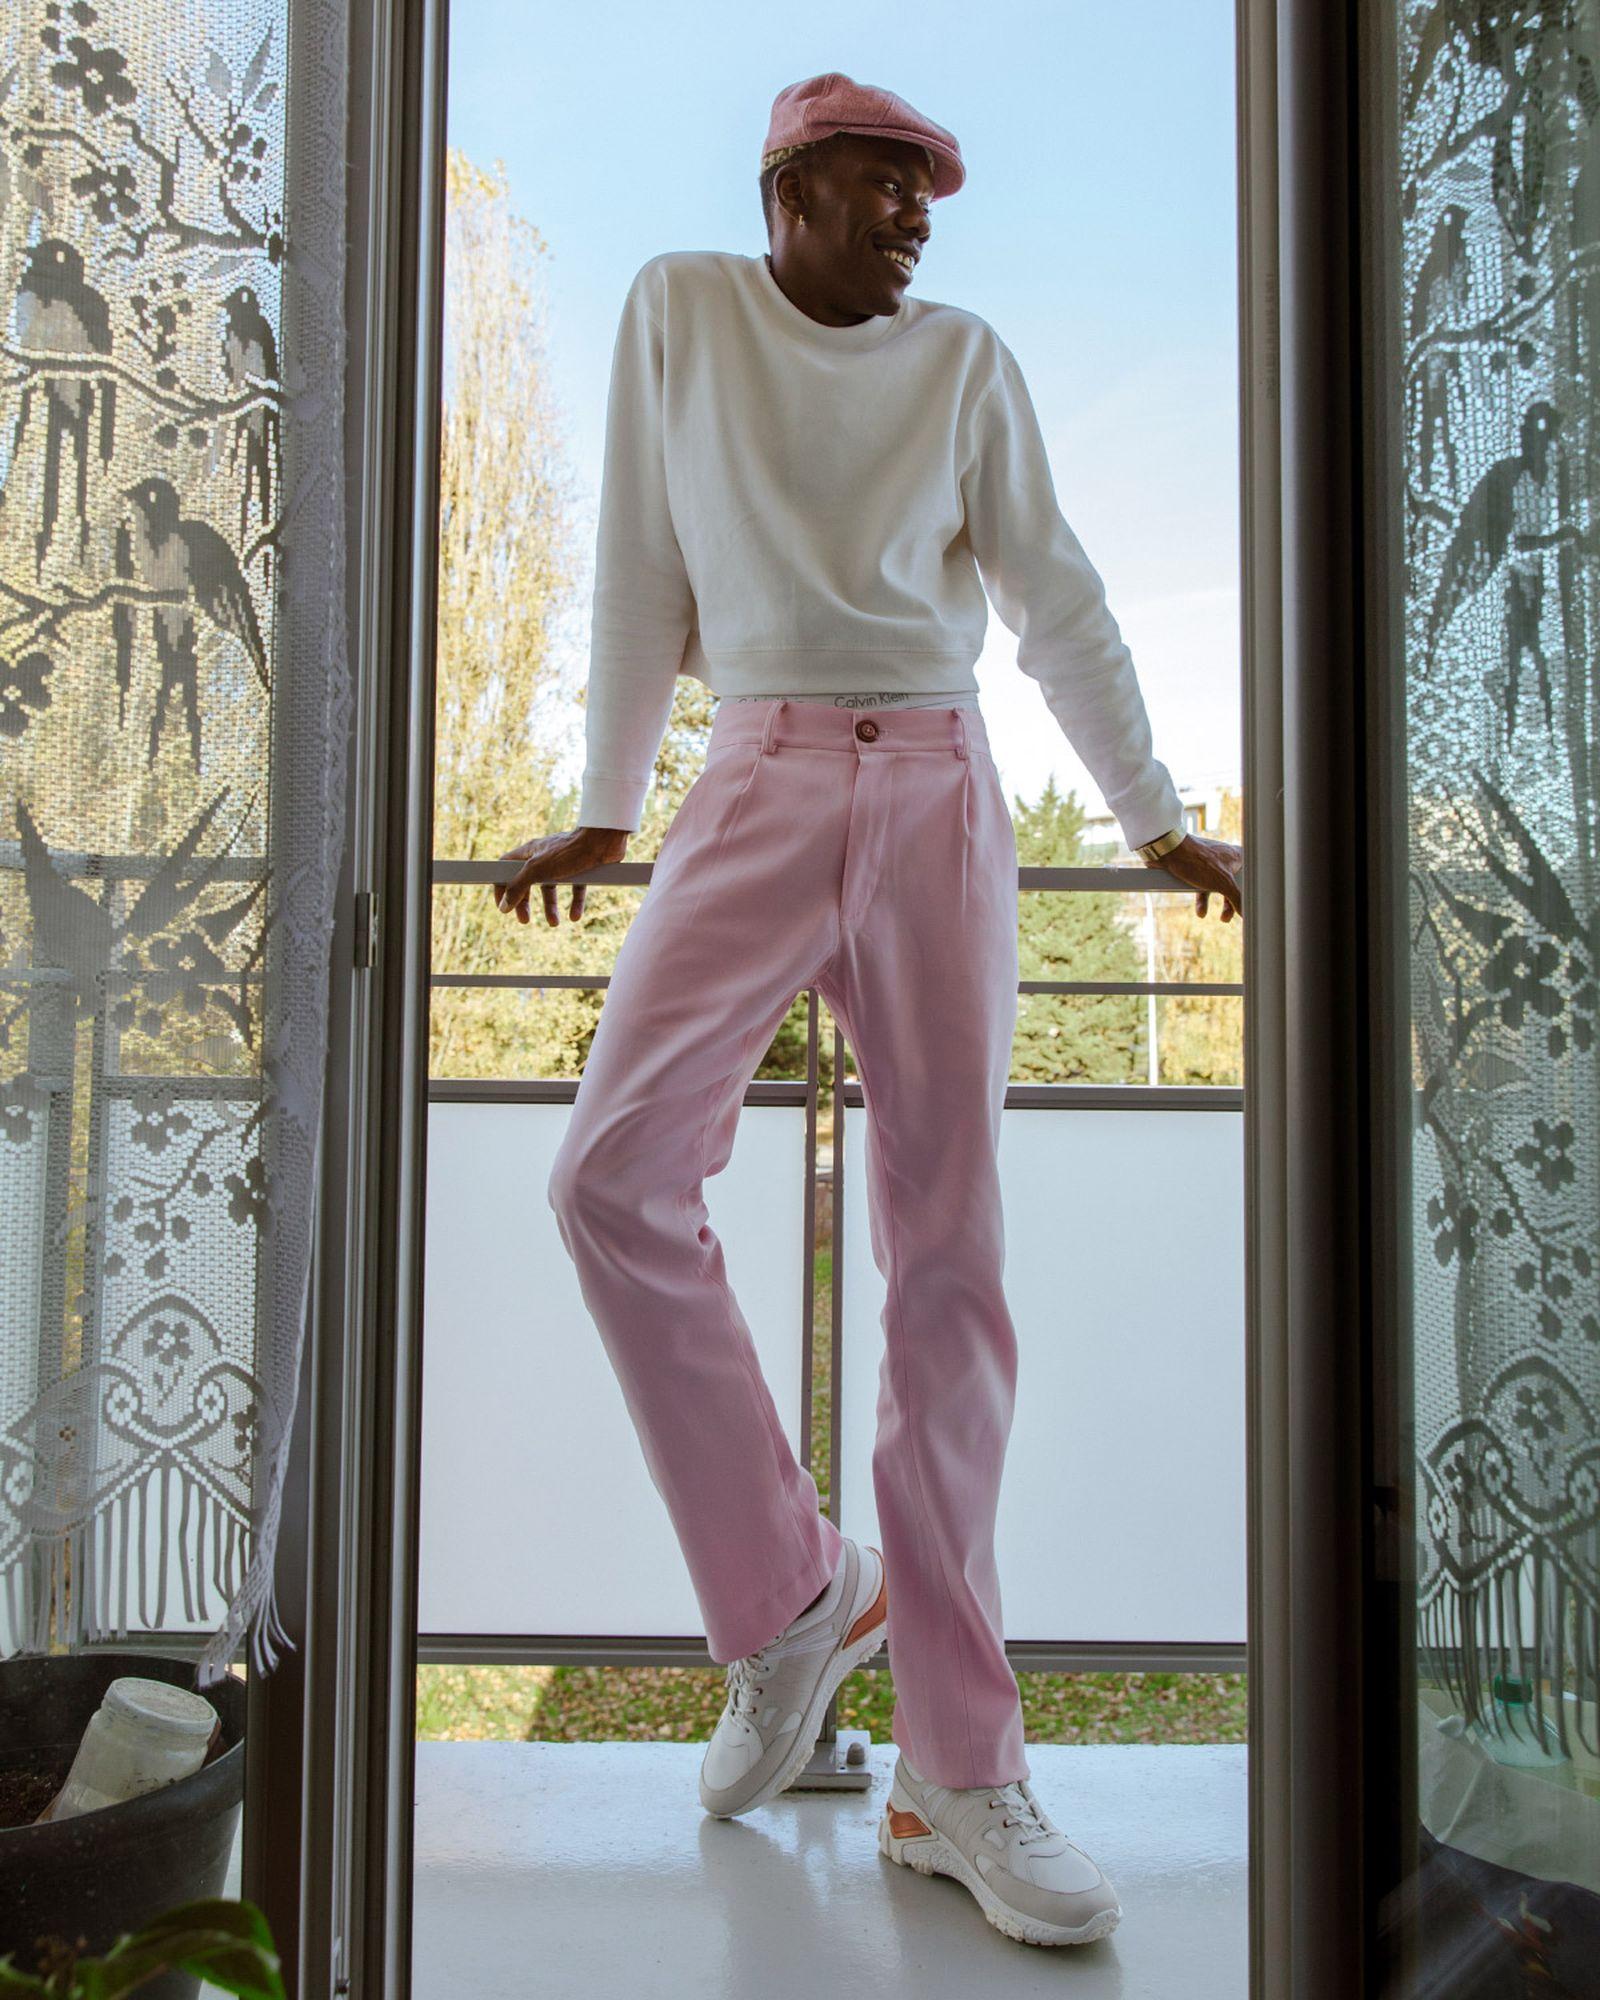 gogo-lupin-hogan-sneaker-pink-paris-06